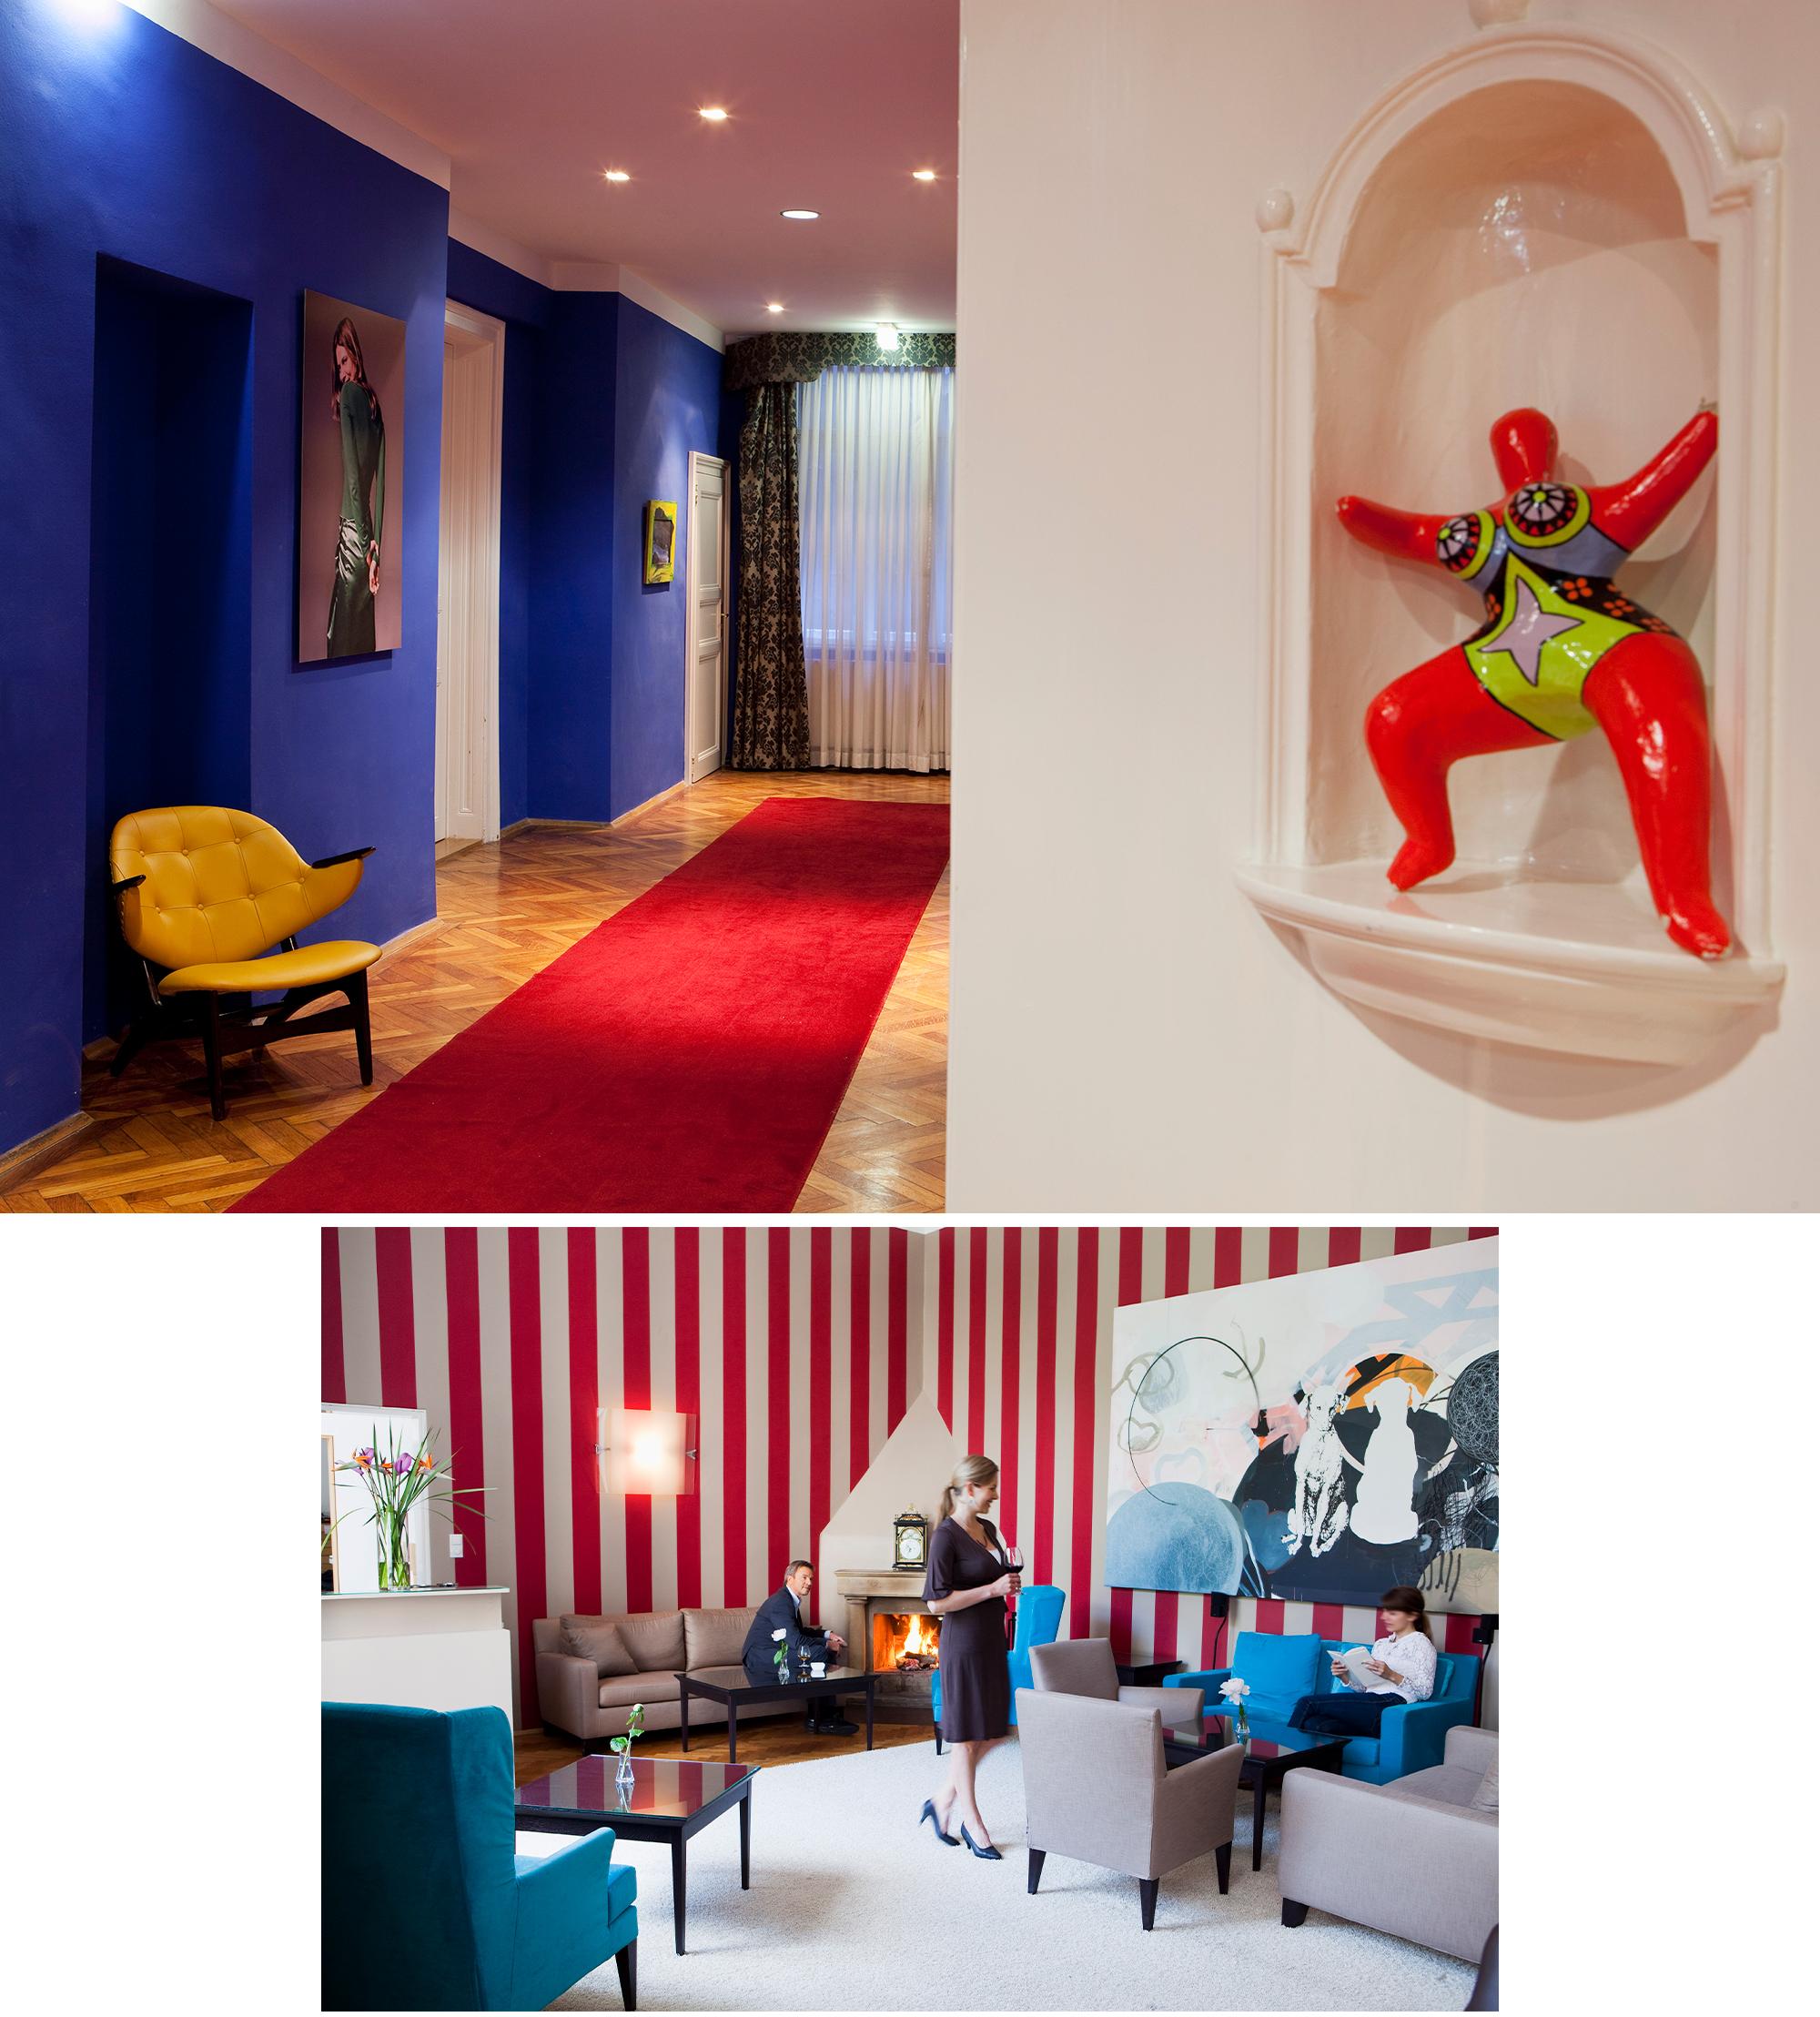 Hotel Altstadt em Vienna, acima: corredor com peça da artista Niki d´Saint Phalle; abaixo: salão com quadro da artista Iris Kohlweiss.